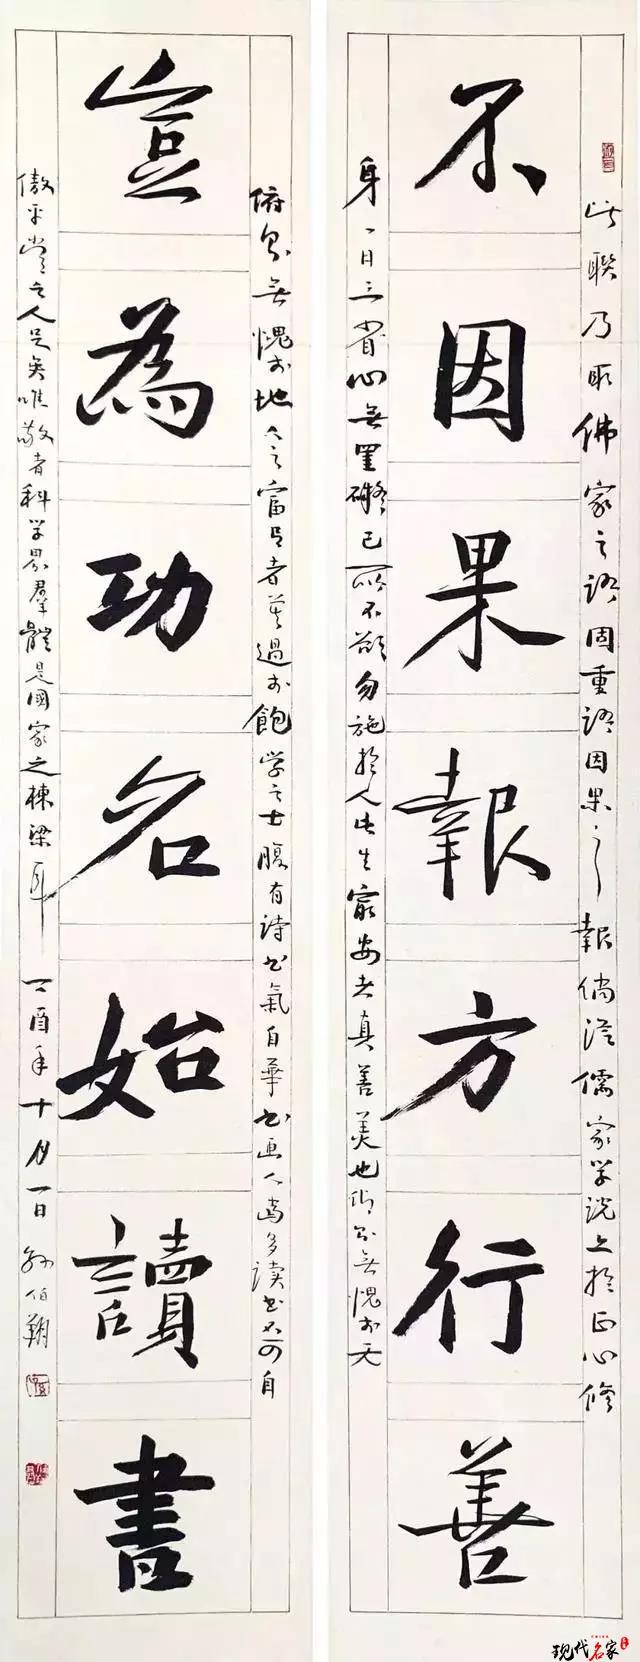 我对汉字的热爱,对书法的发掘是无止境的——孙伯翔-第6张